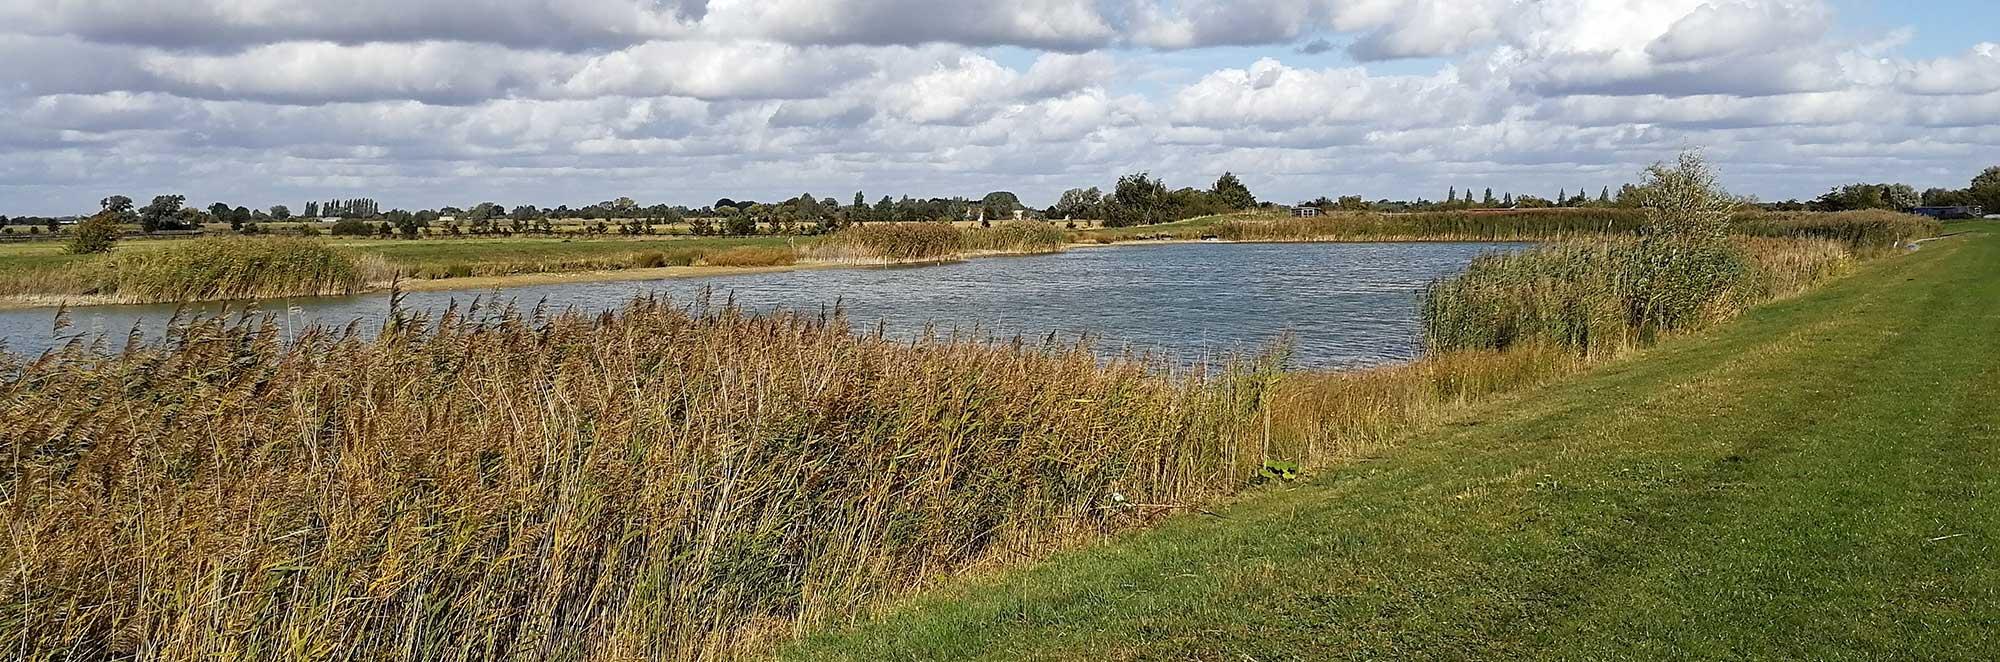 Cambridge County Polo Club